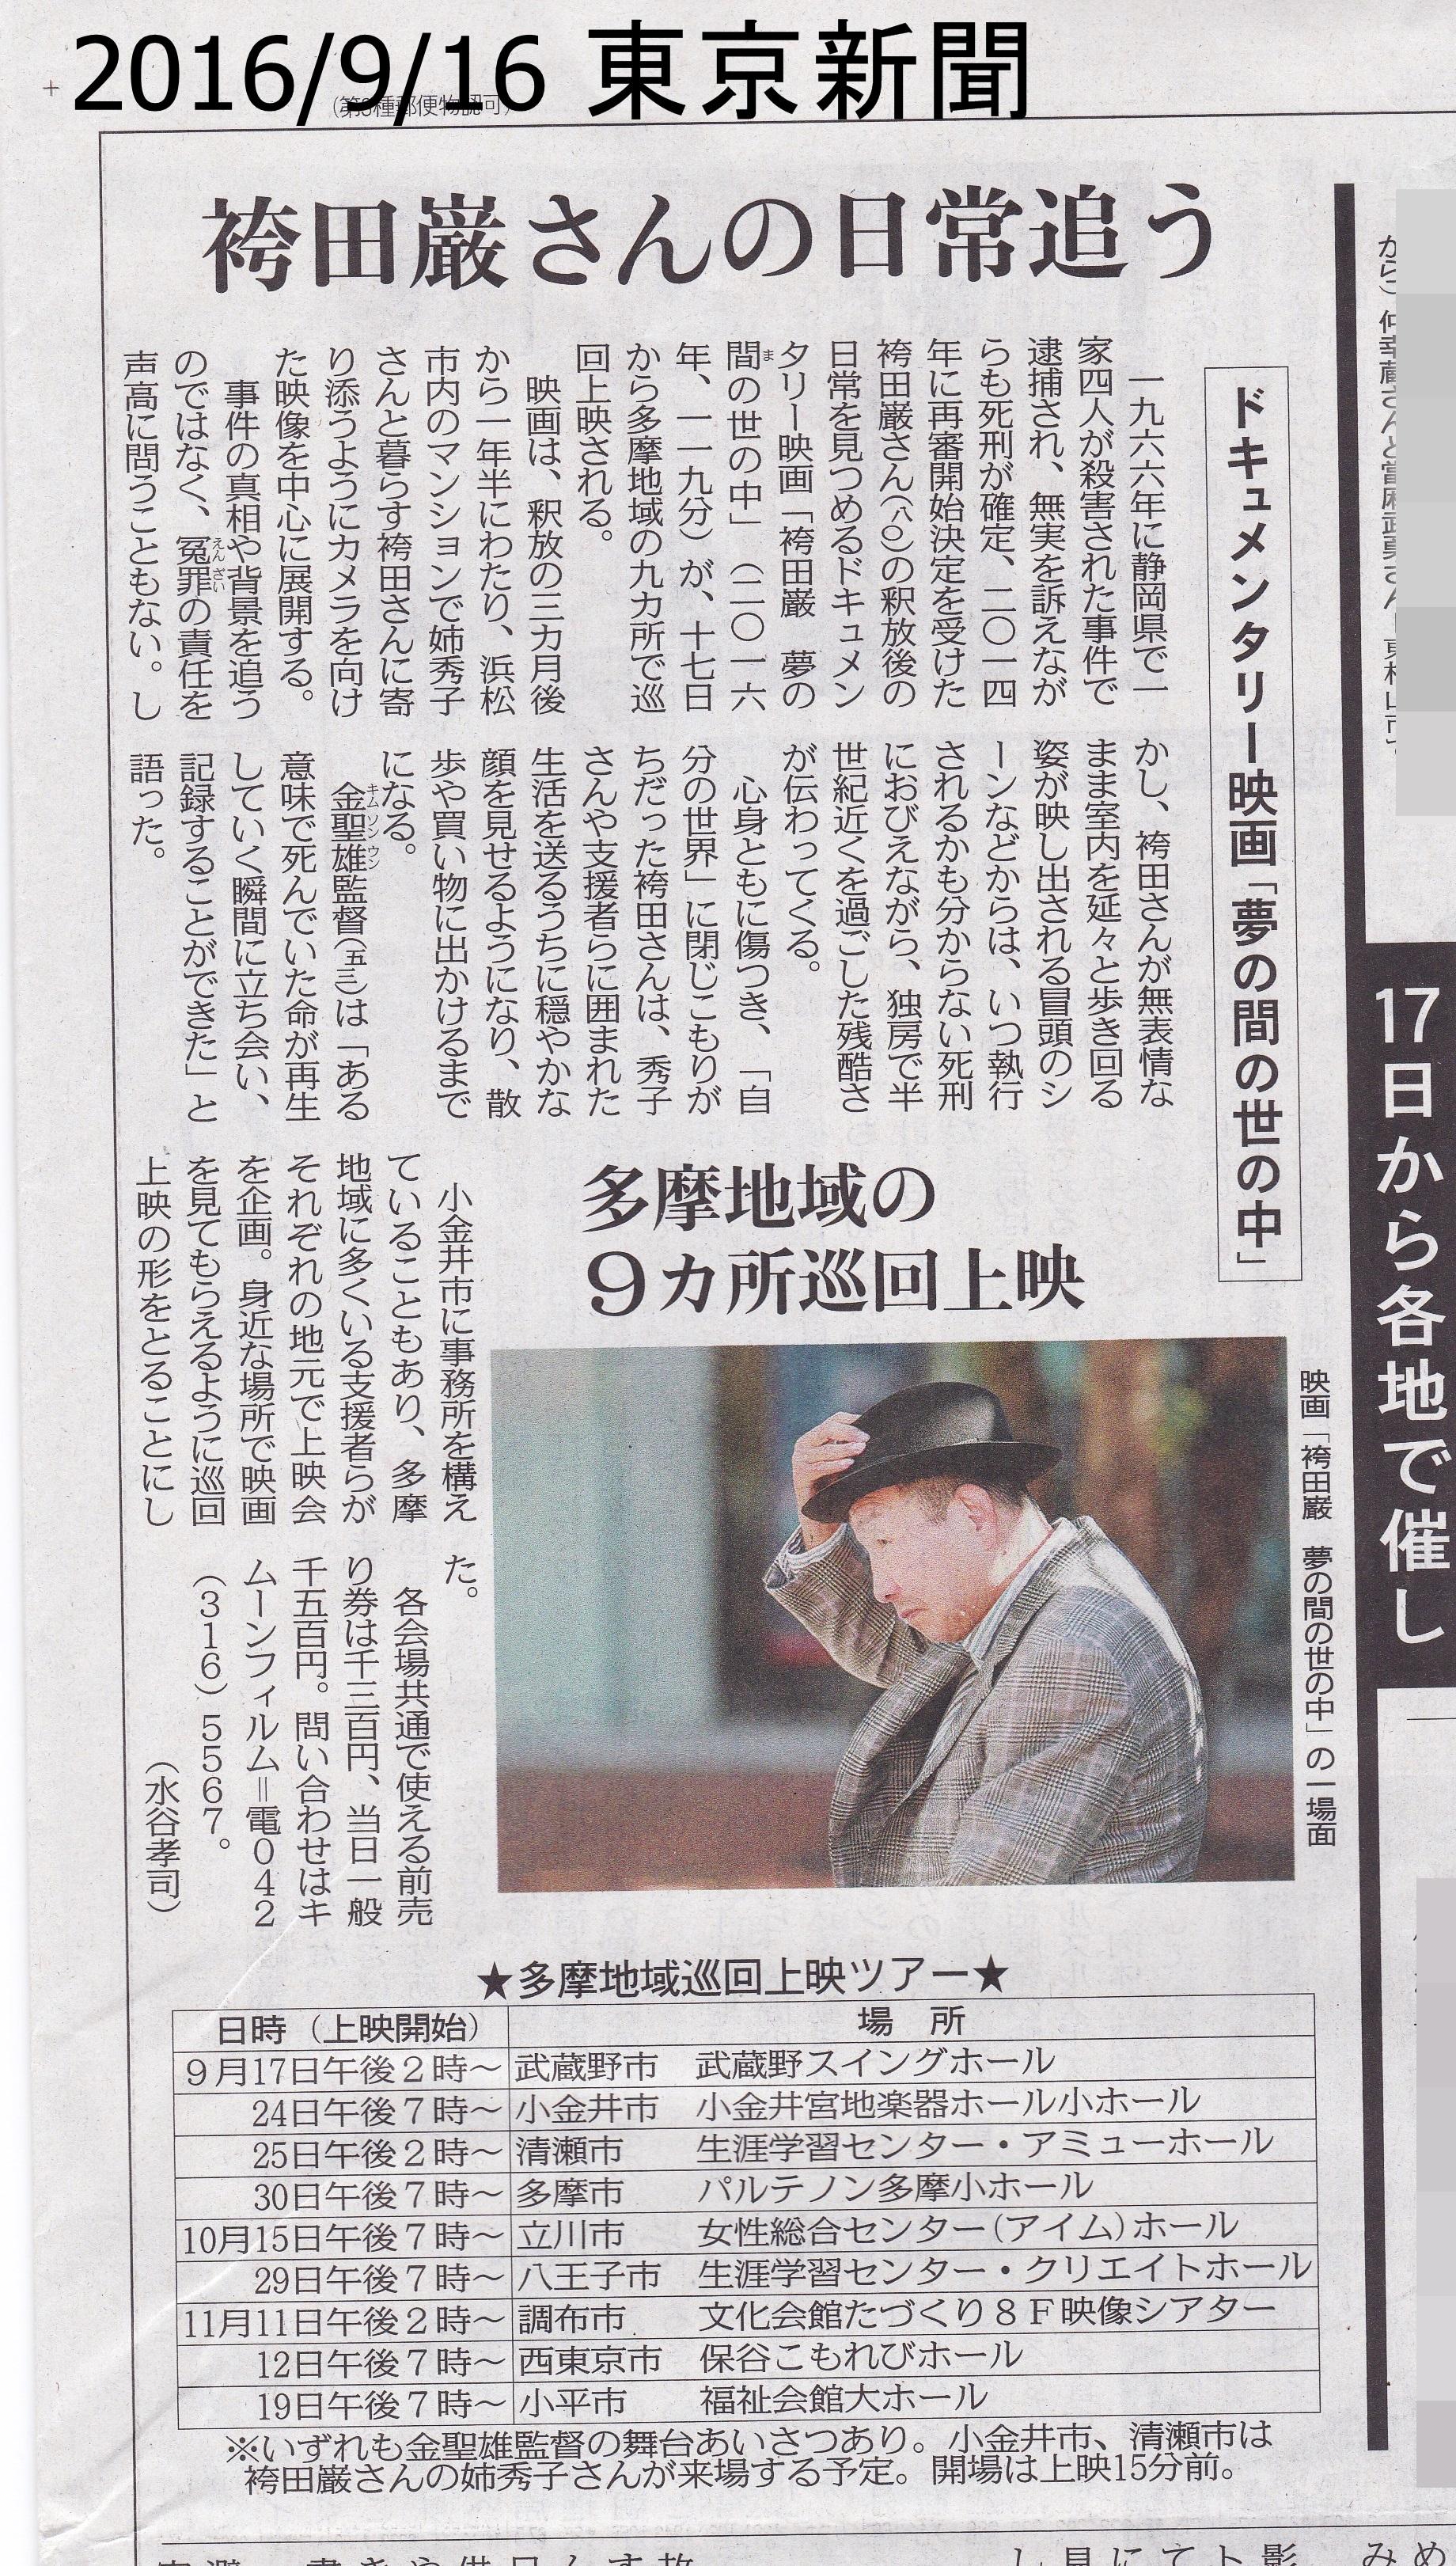 2016.9.16 東京新聞